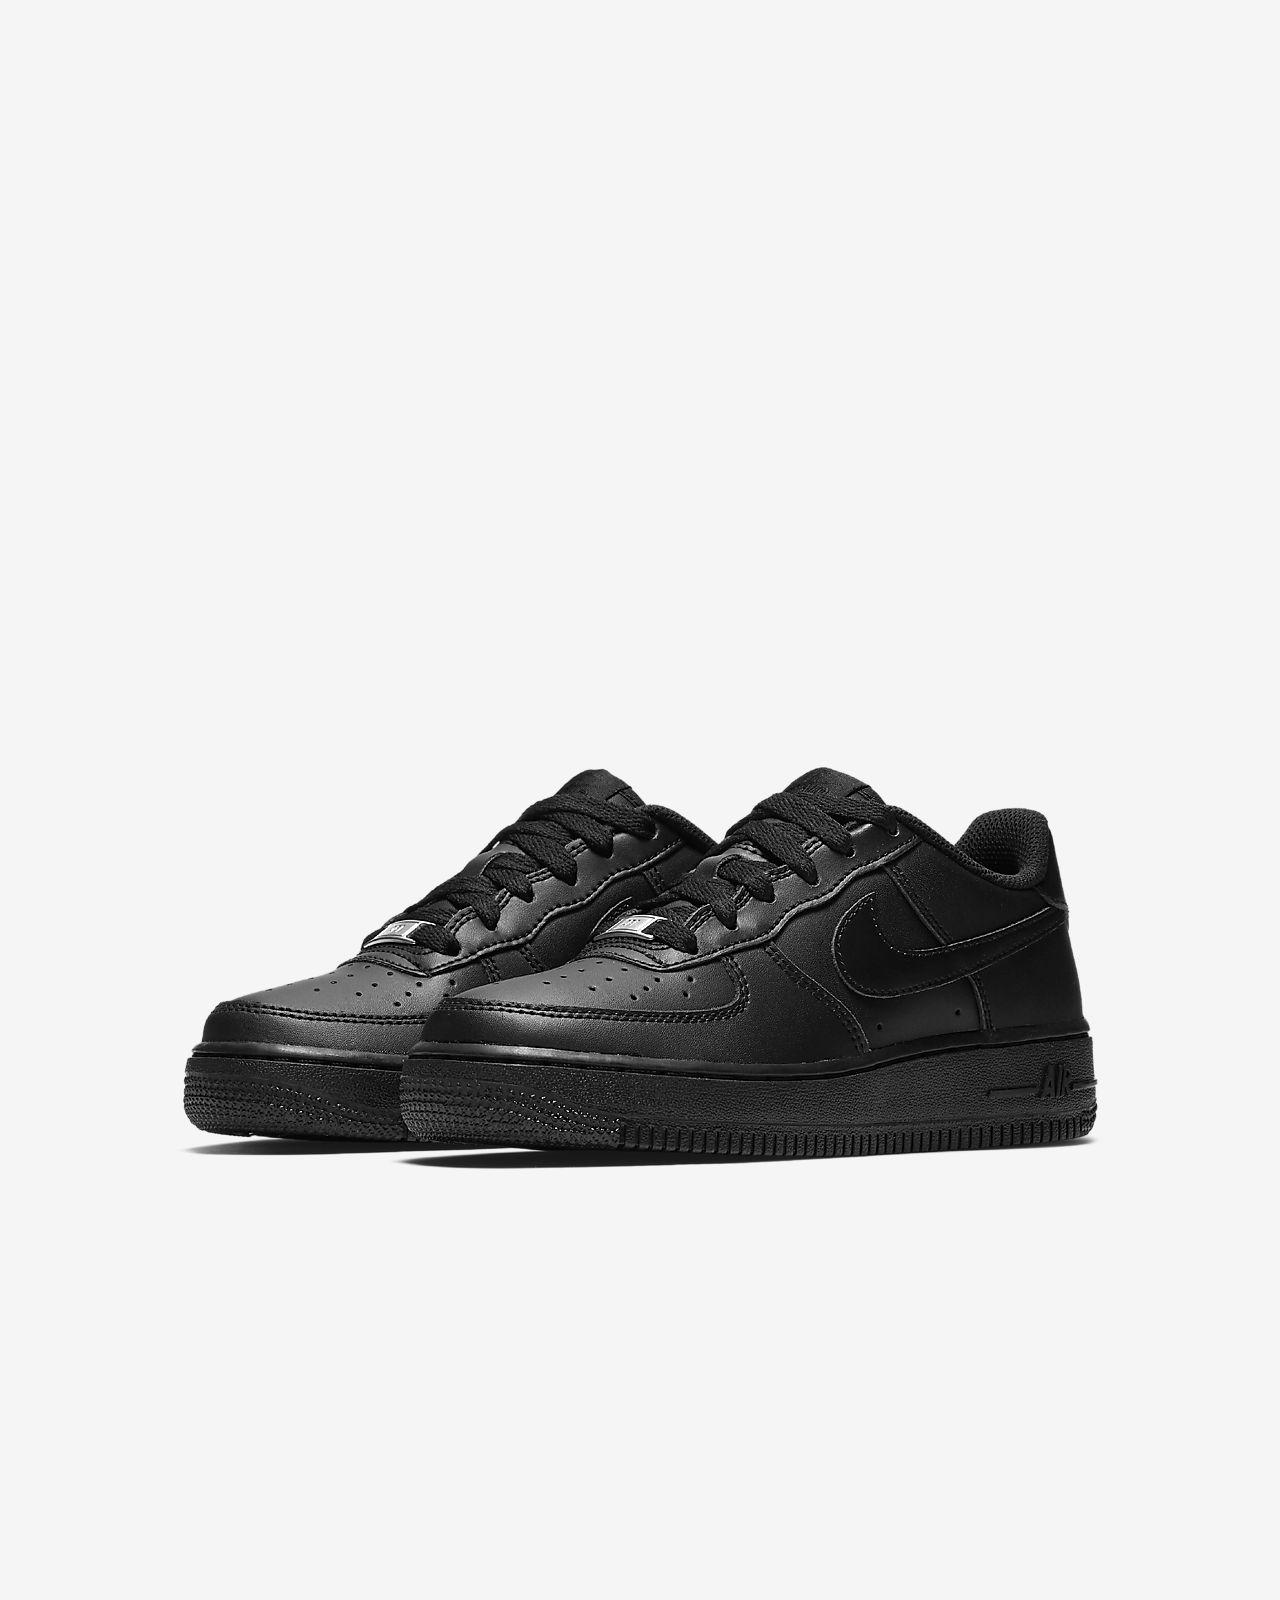 a73b892c4f2aa Chaussure Nike Air Force 1 pour Enfant plus âgé. Nike.com FR